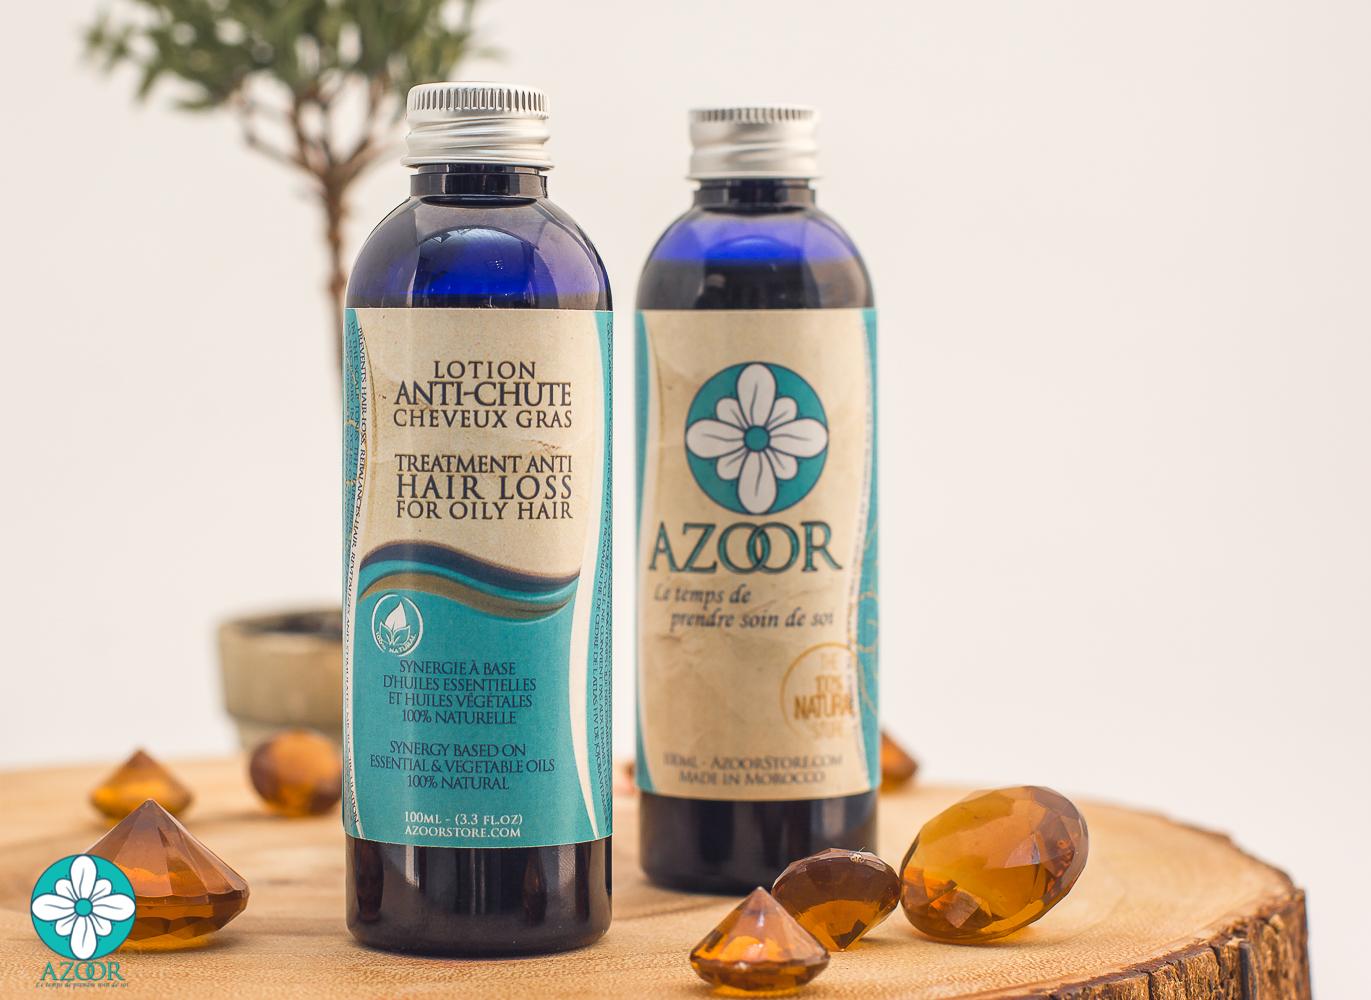 Treatment Anti Hair-Loss for Oily Hair